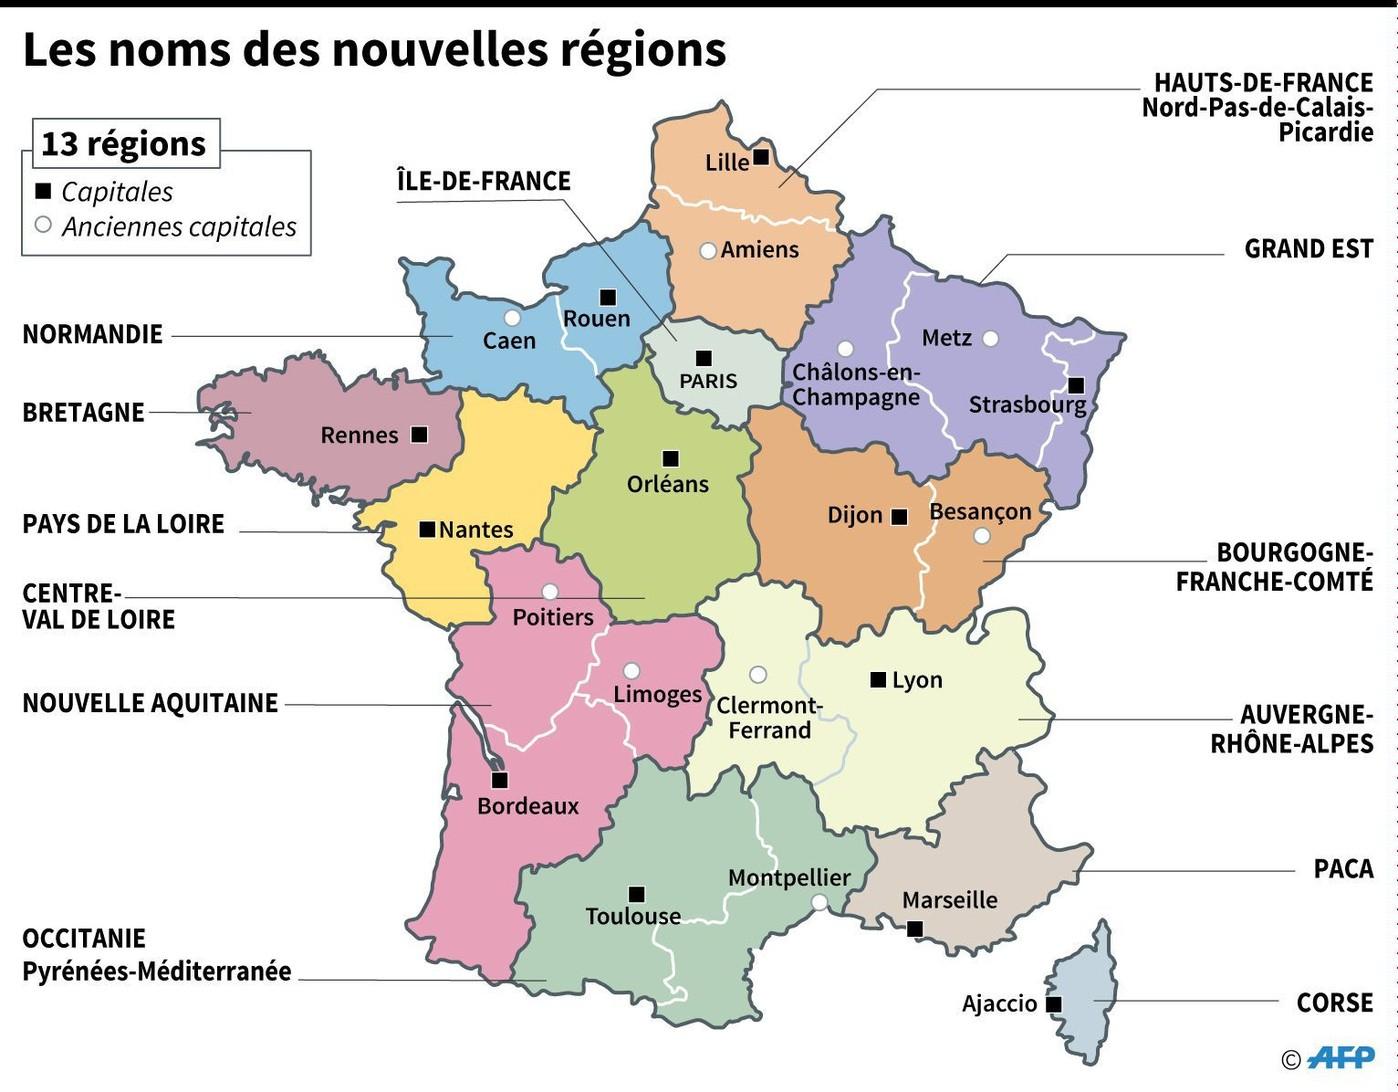 Ce Que Signifie Le Nom Des Nouvelles Régions concernant Nouvelles Régions En France